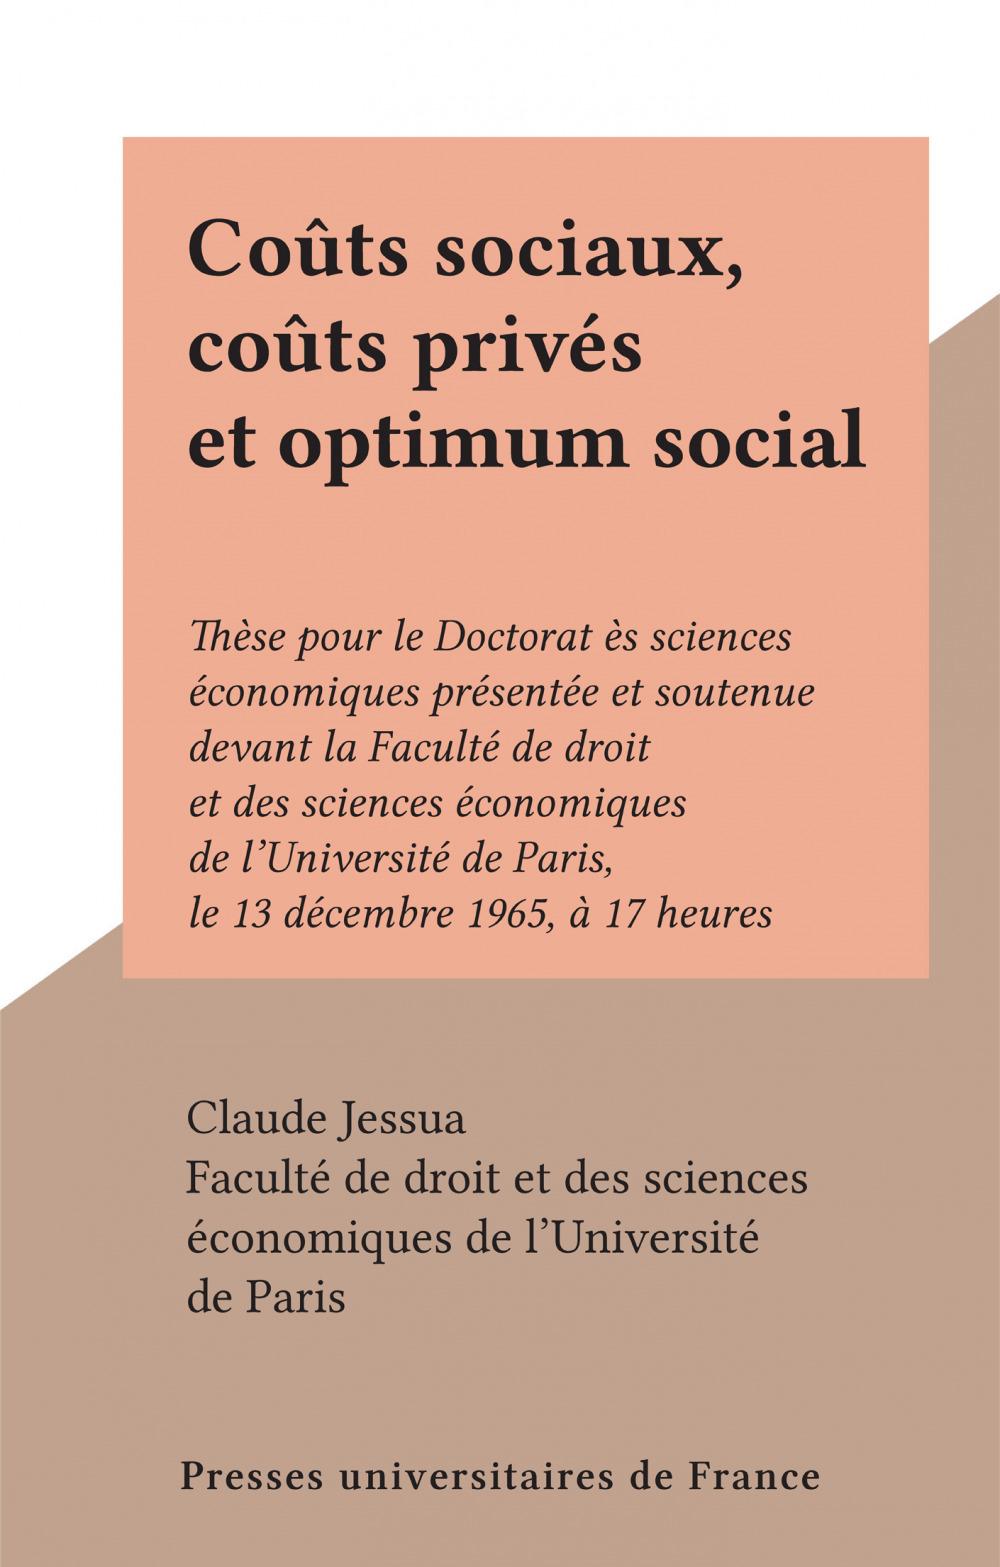 Coûts sociaux, coûts privés et optimum social